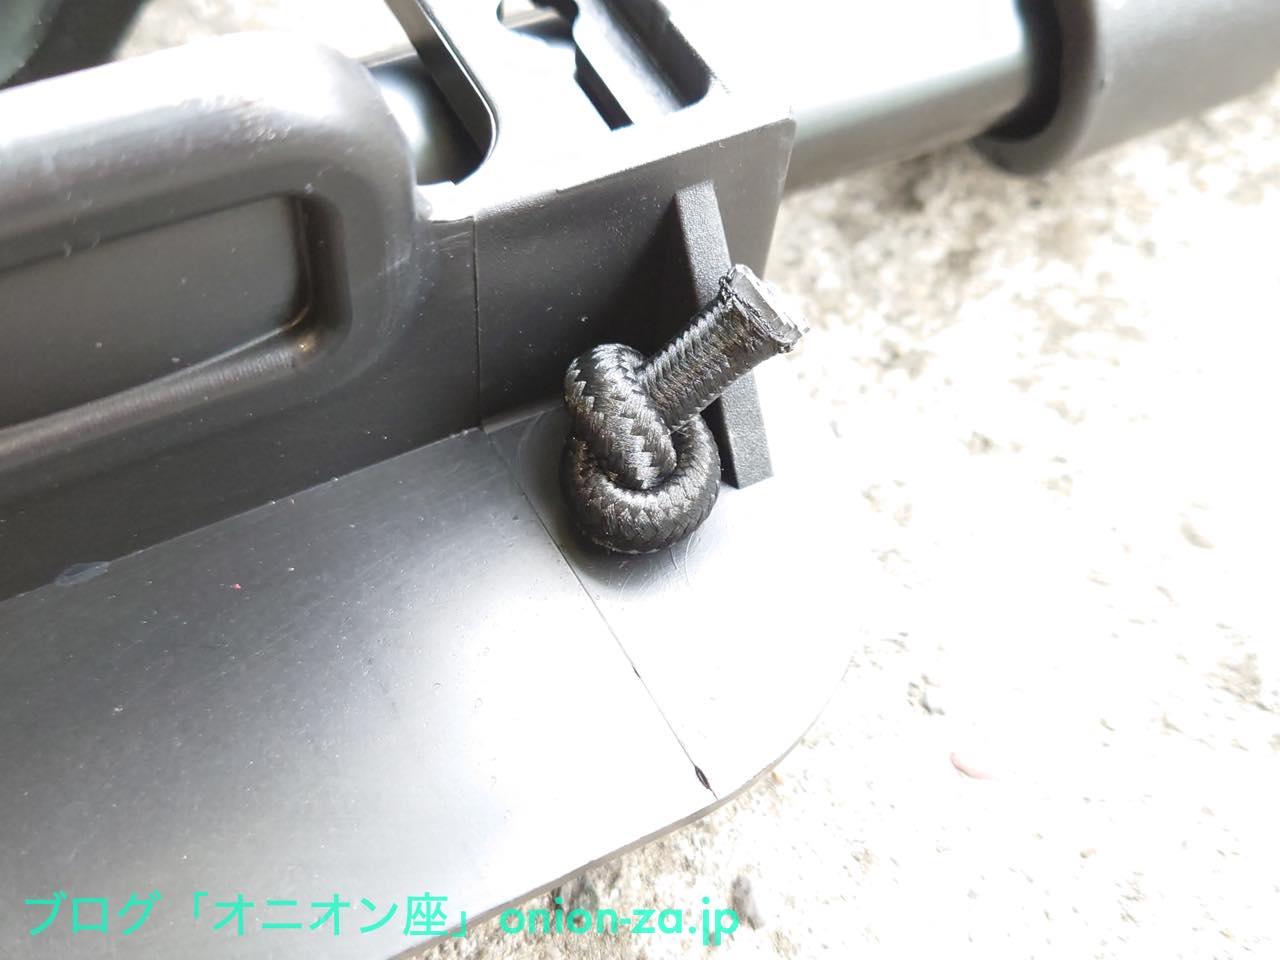 ゴム紐は100円ショップ品のような不安げはなく、しっかりしている。